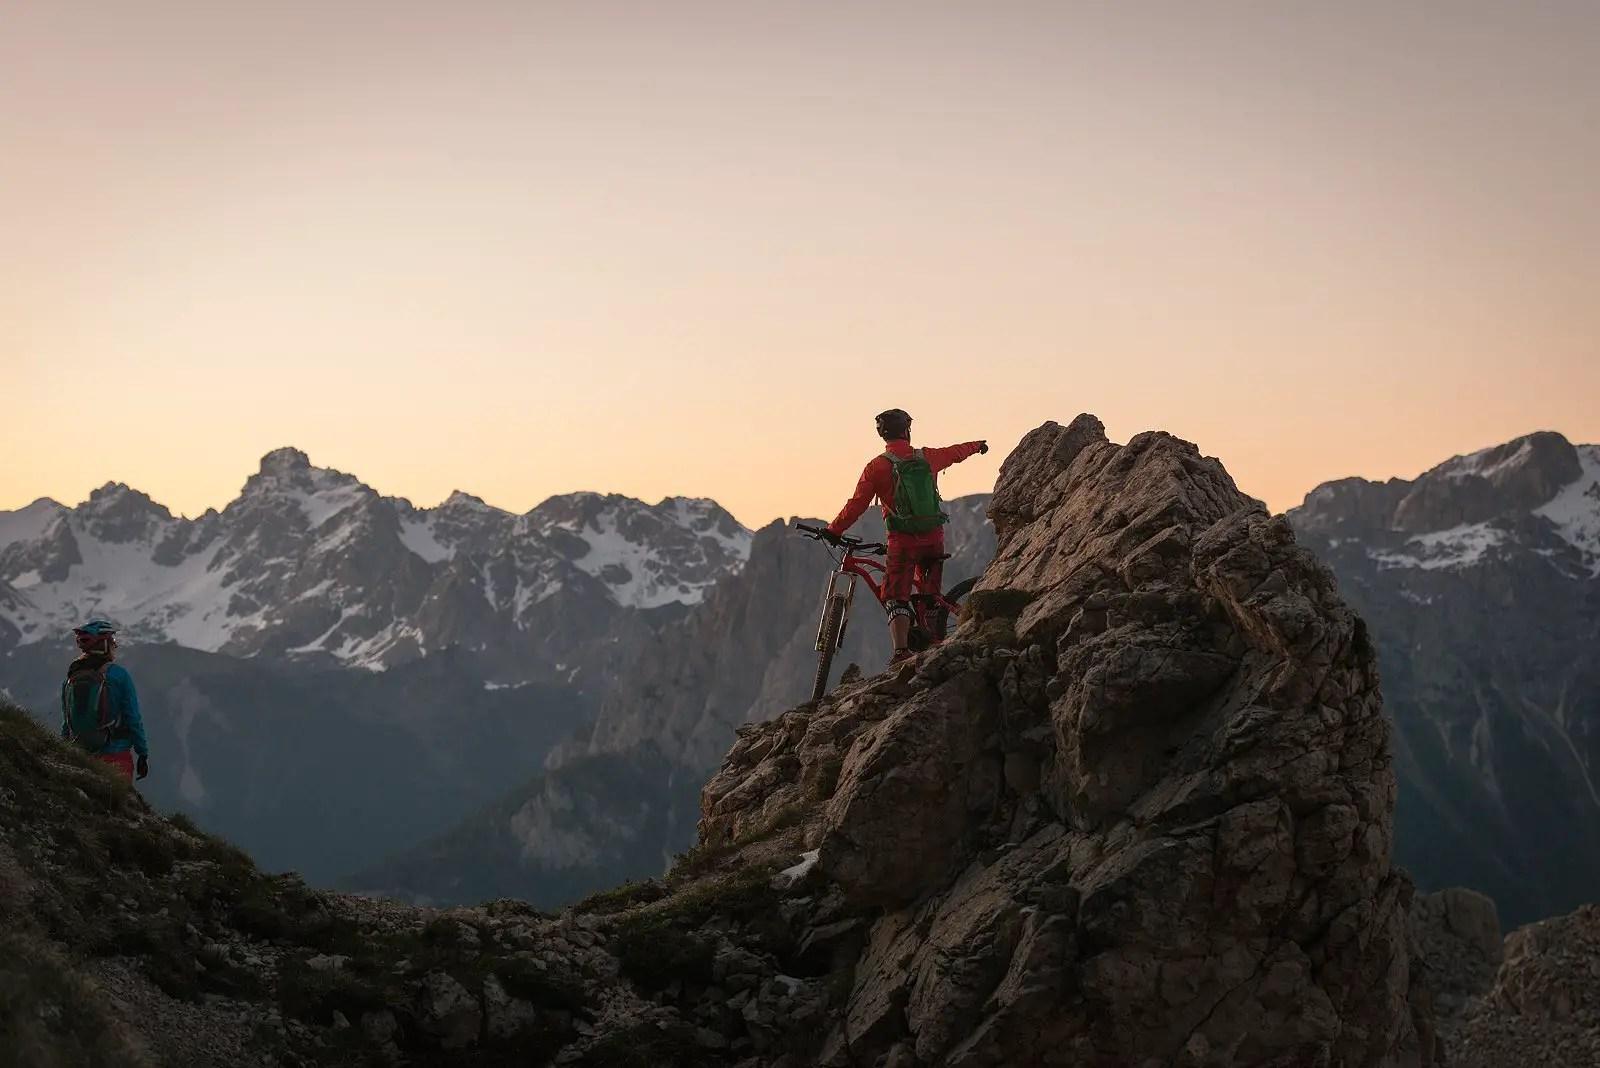 Anzeige – Uphill flow – eMountainbiken im Selbstversuch. Ein Fazit